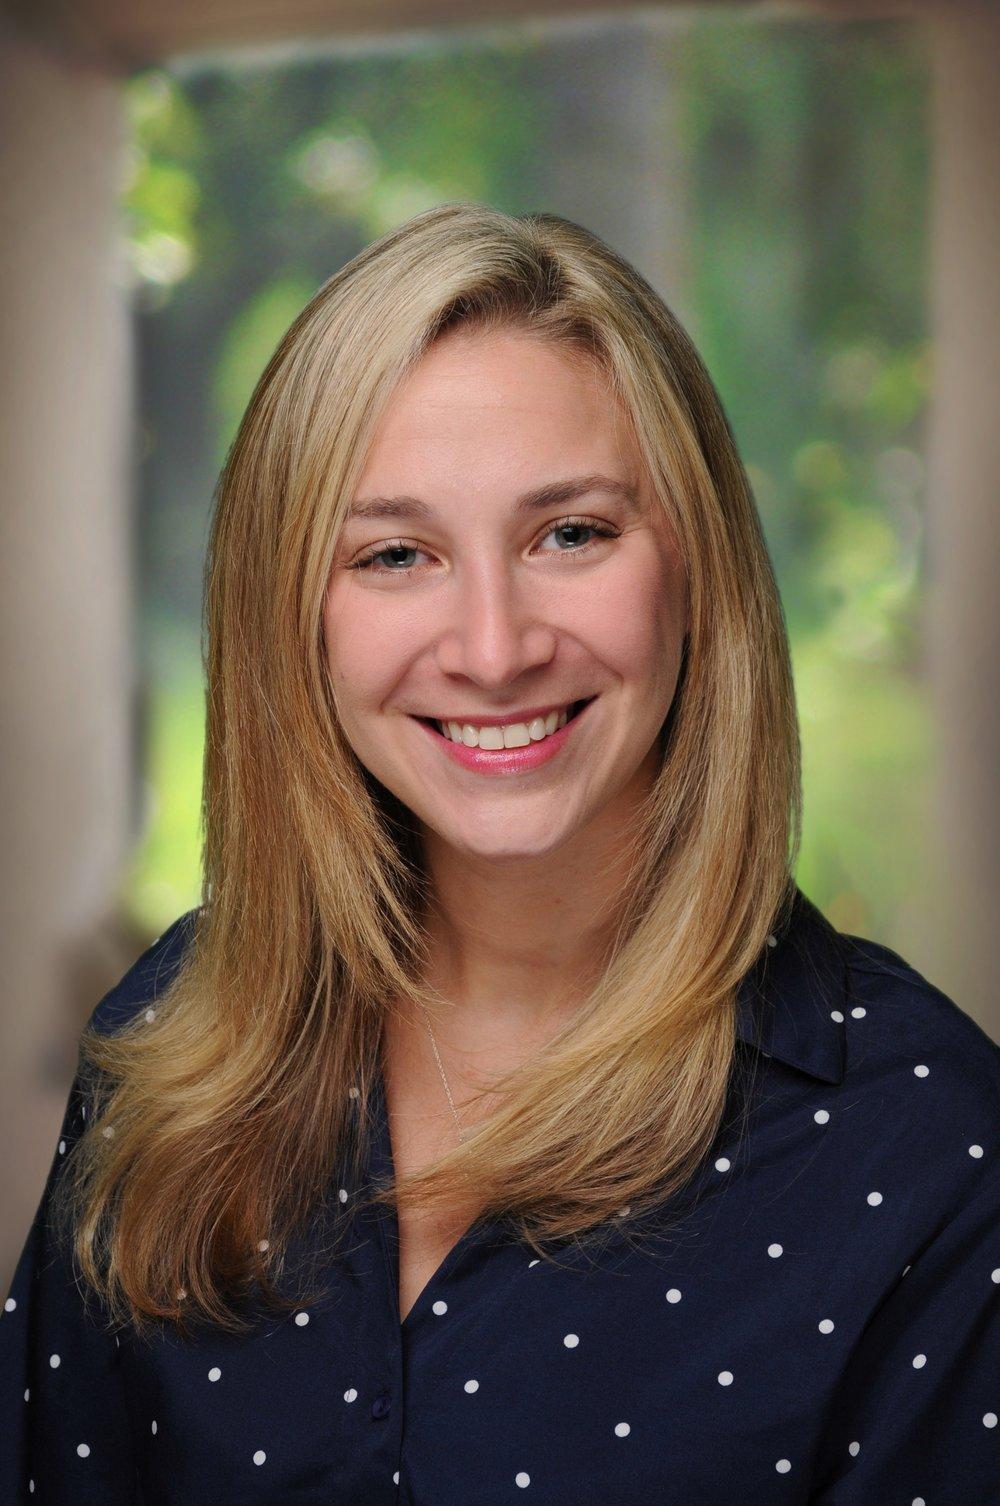 Trisha Nussbaum, Class of 2020